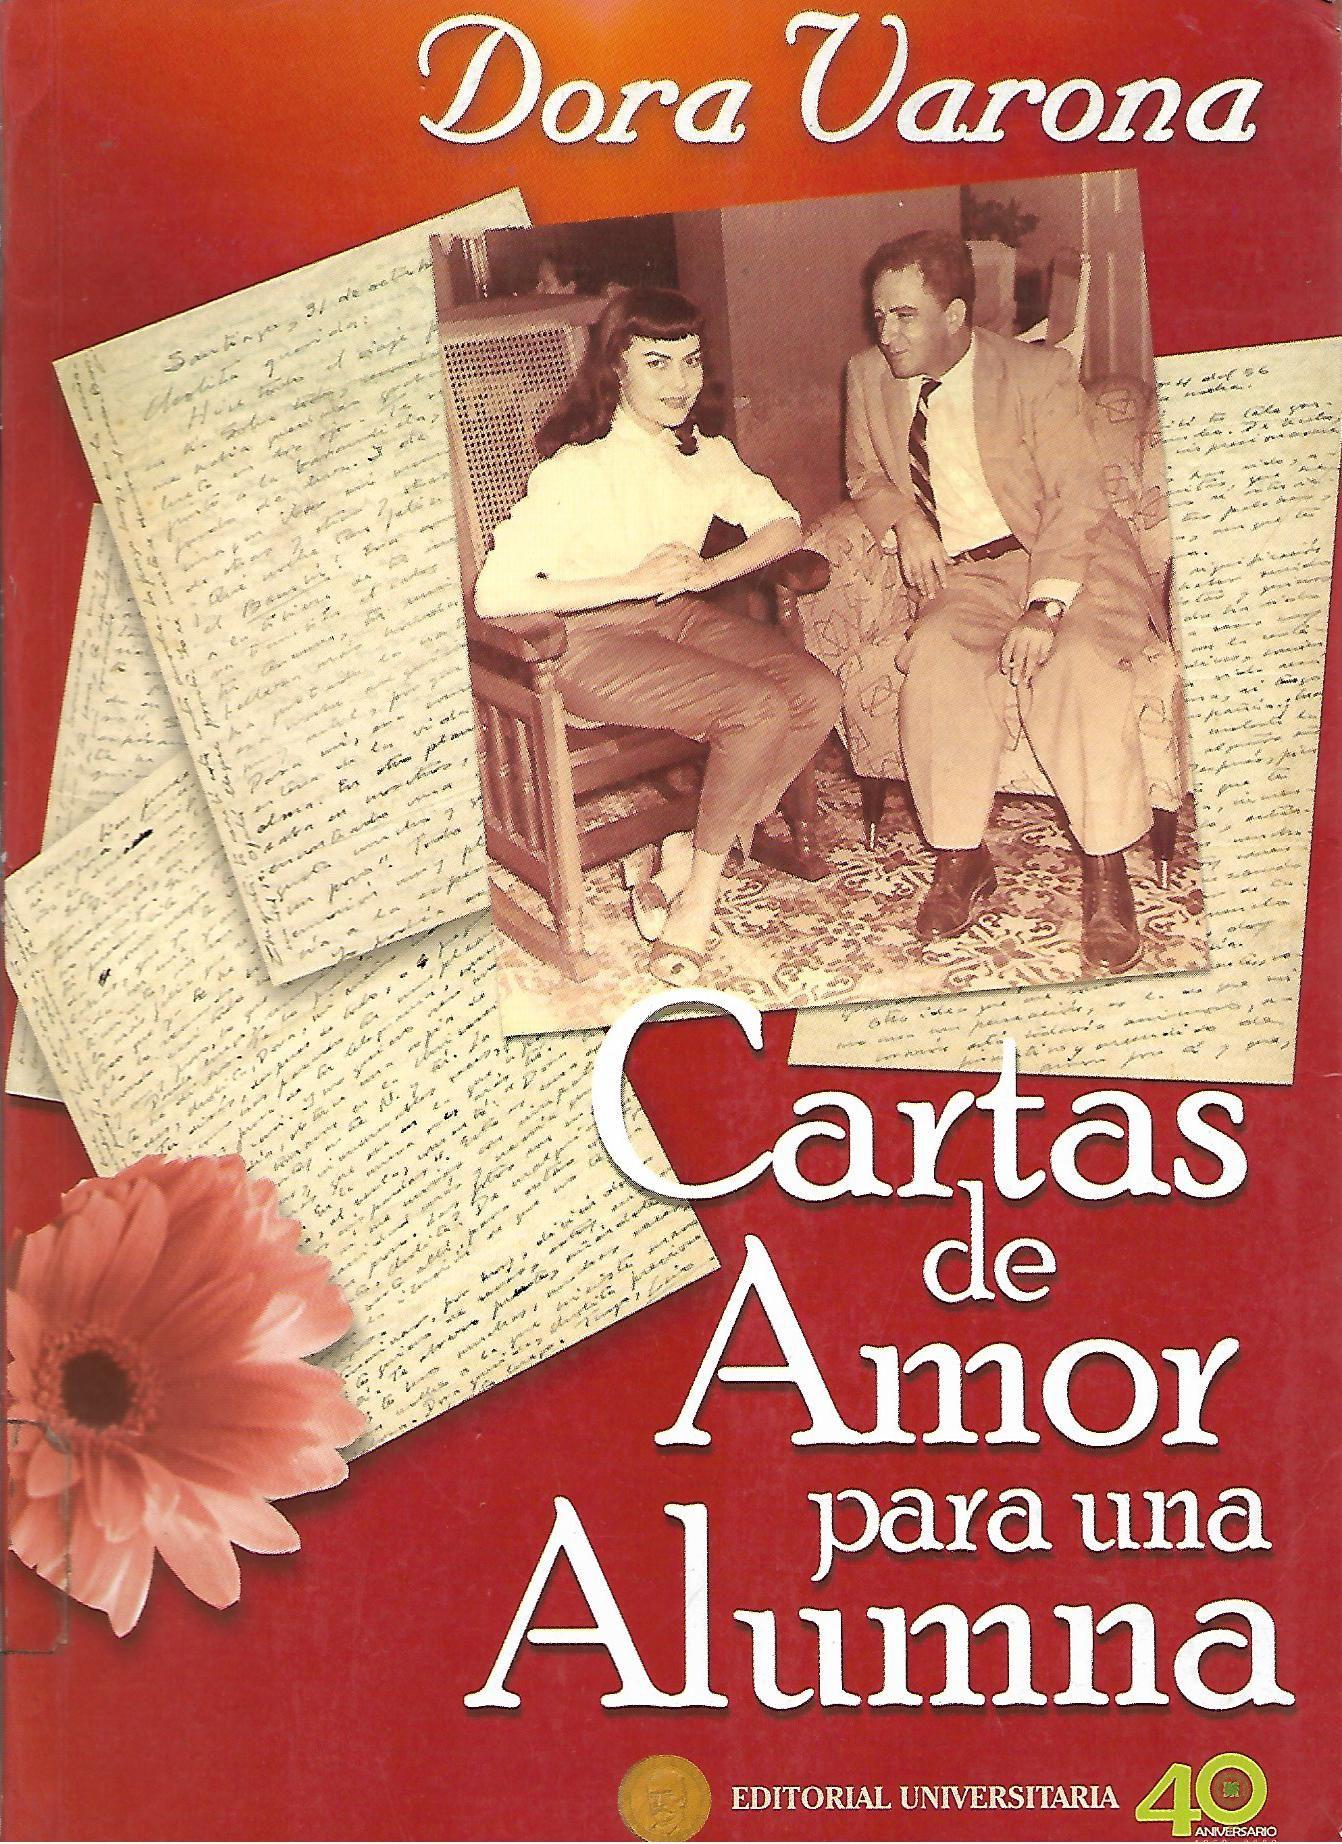 Dora Vaarona Cartas De Amor Para Una Alumna Cartas De Amor